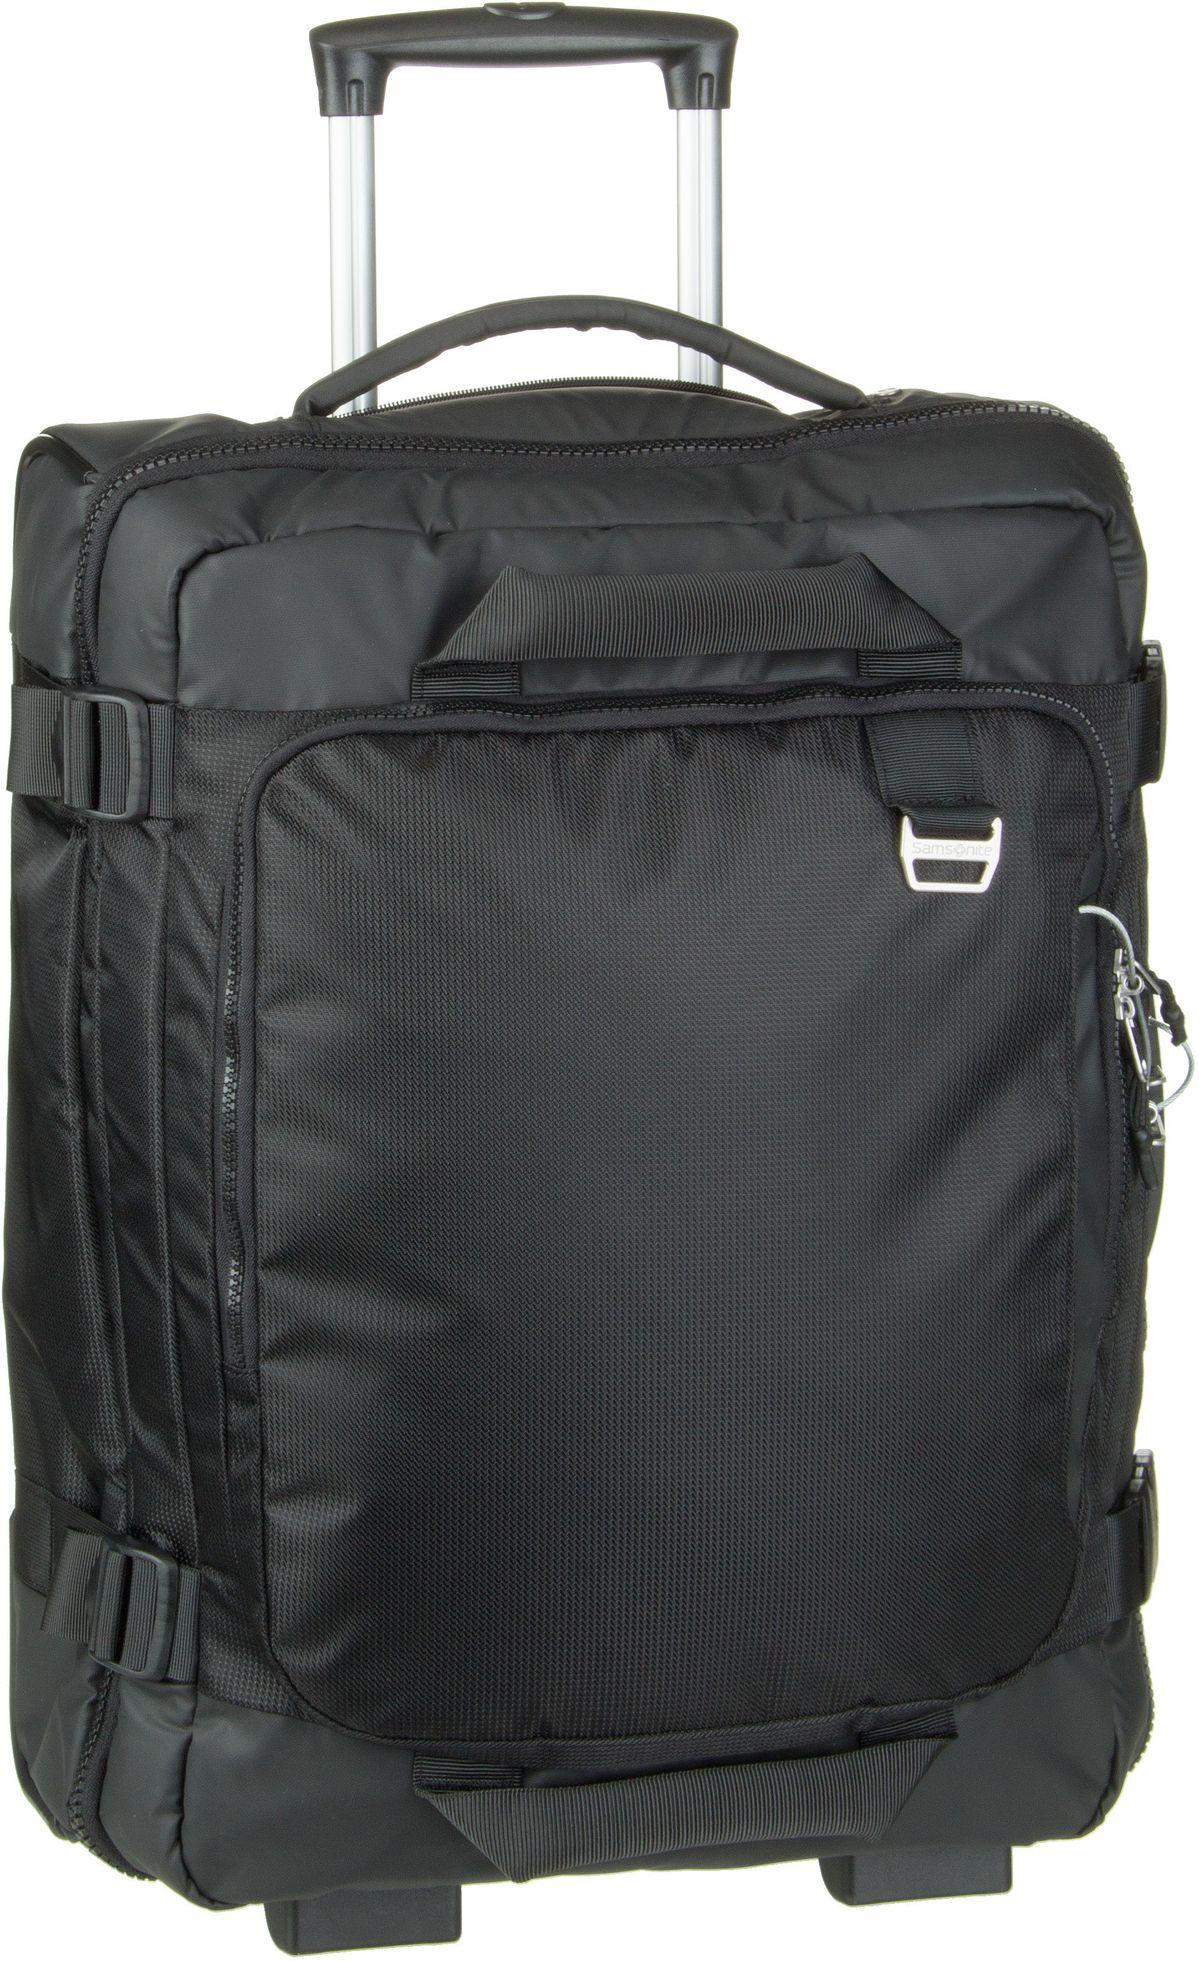 Rucksack-Trolley Midtown Duffle/Wh 55 Backpack Black (43 Liter)